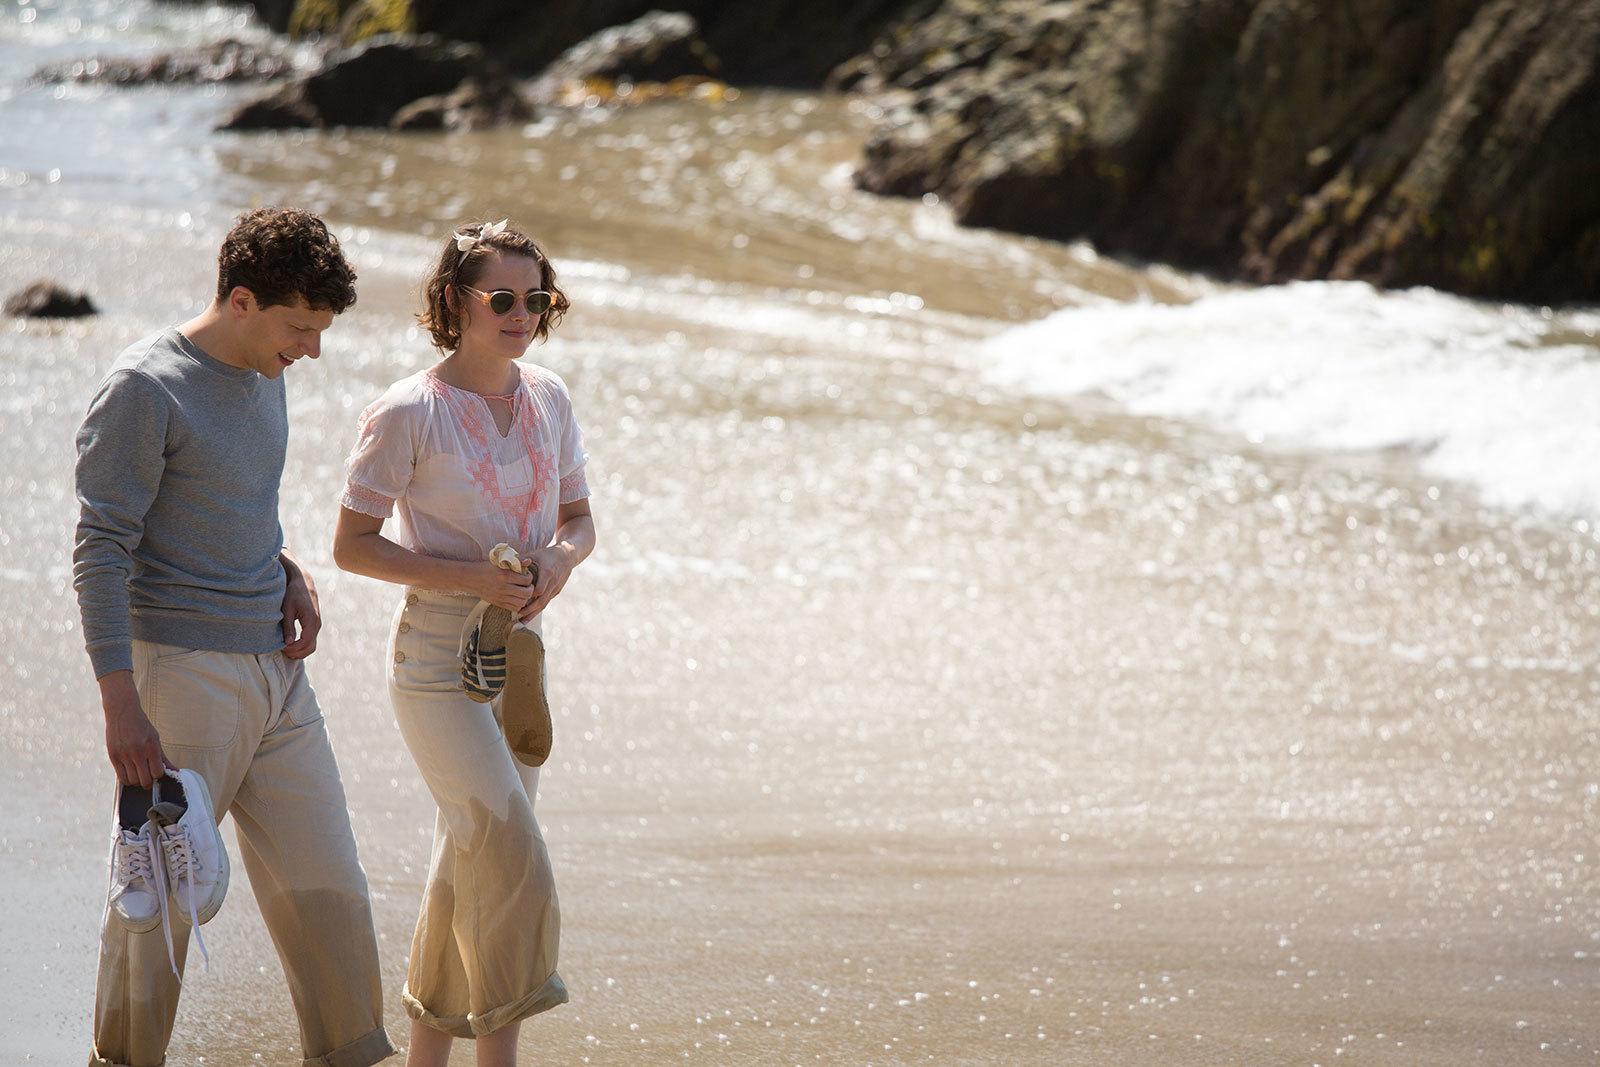 Foto de Blake Lively y Kristen Stewart protagonistas del vestuario de Café Society. Enamórate con sus maravillosos looks (12/12)